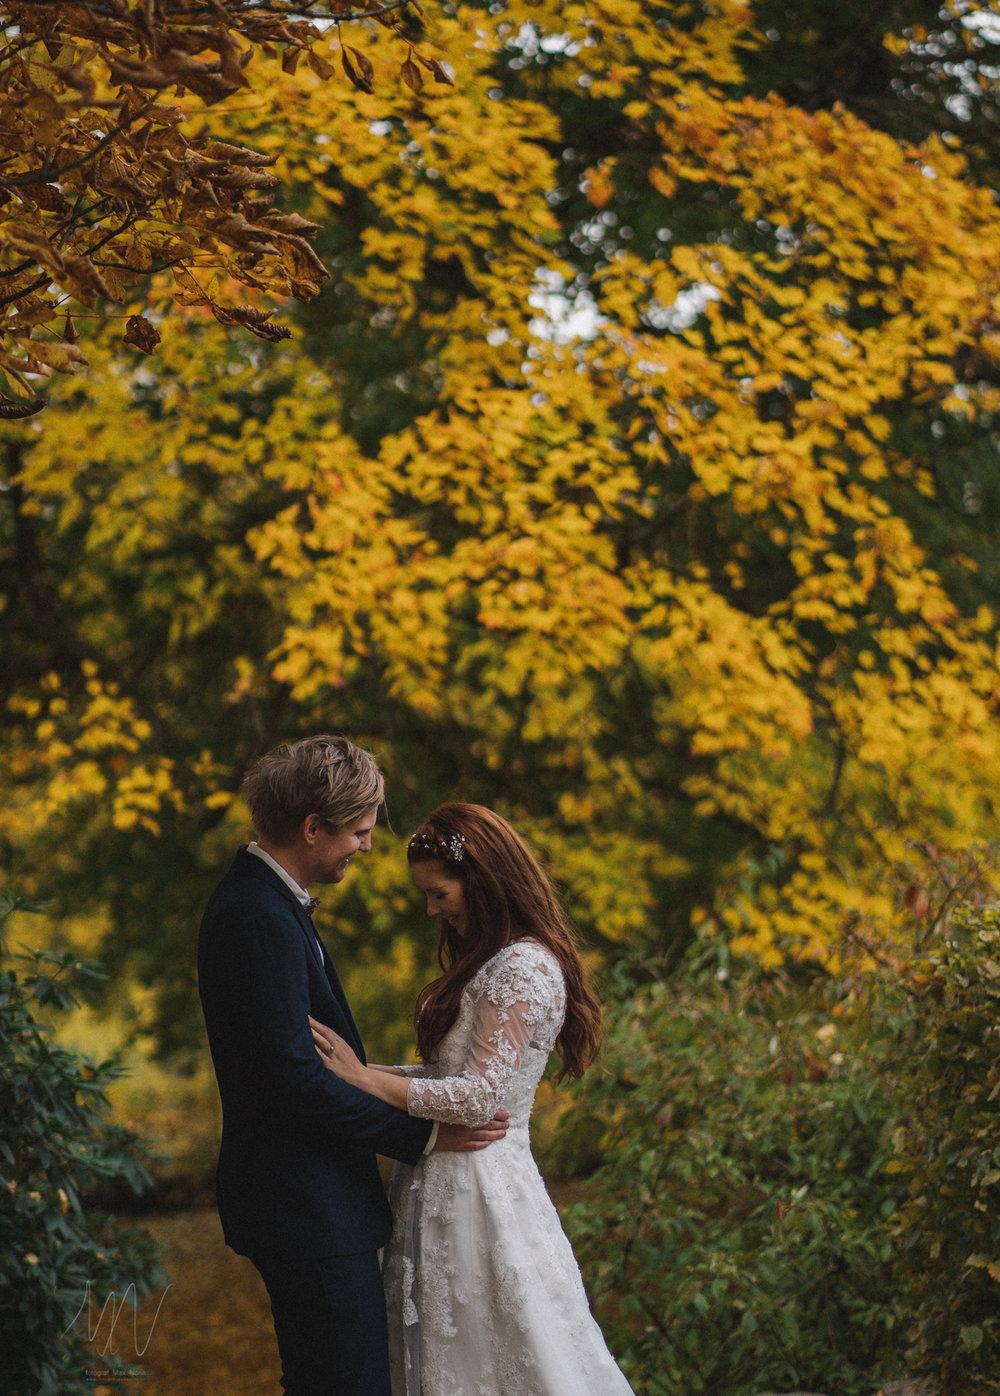 Bröllopsfoto-13okt-fotograf-max-norin-322.jpg